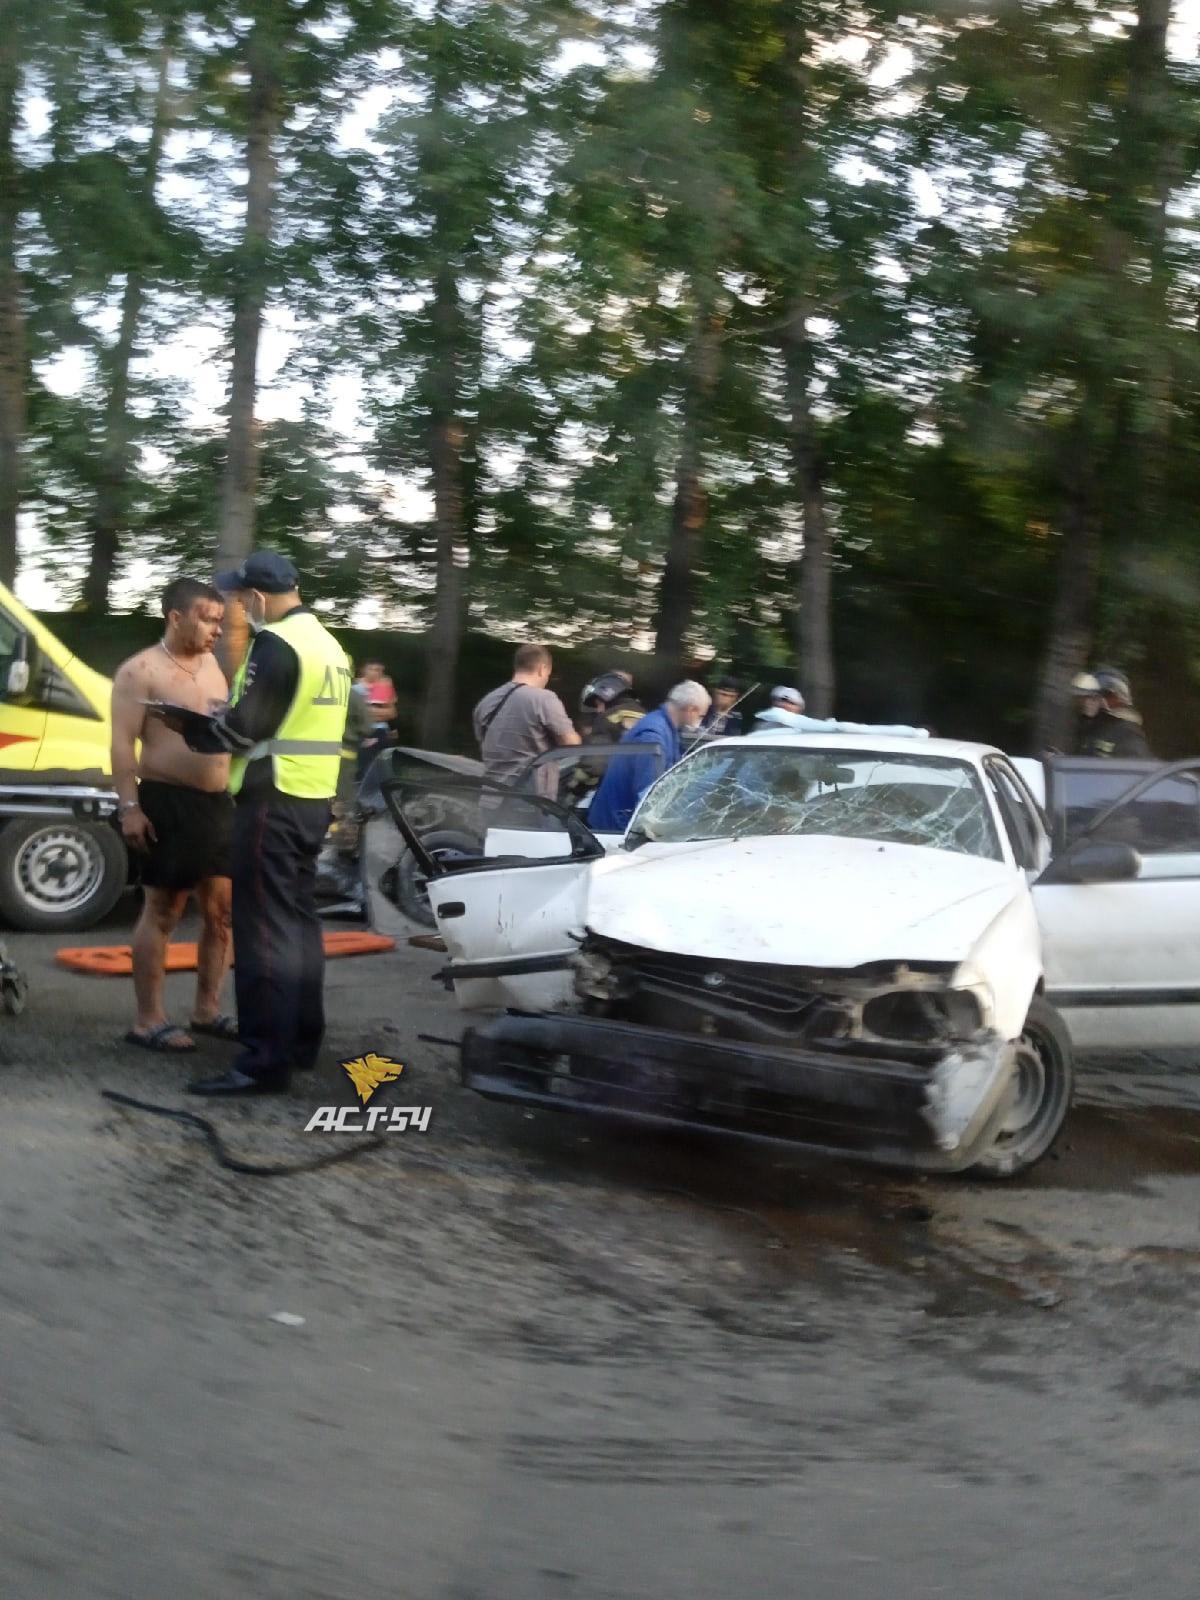 фото Жёсткое ДТП с пострадавшими произошло на улице Петухова в Новосибирске 2